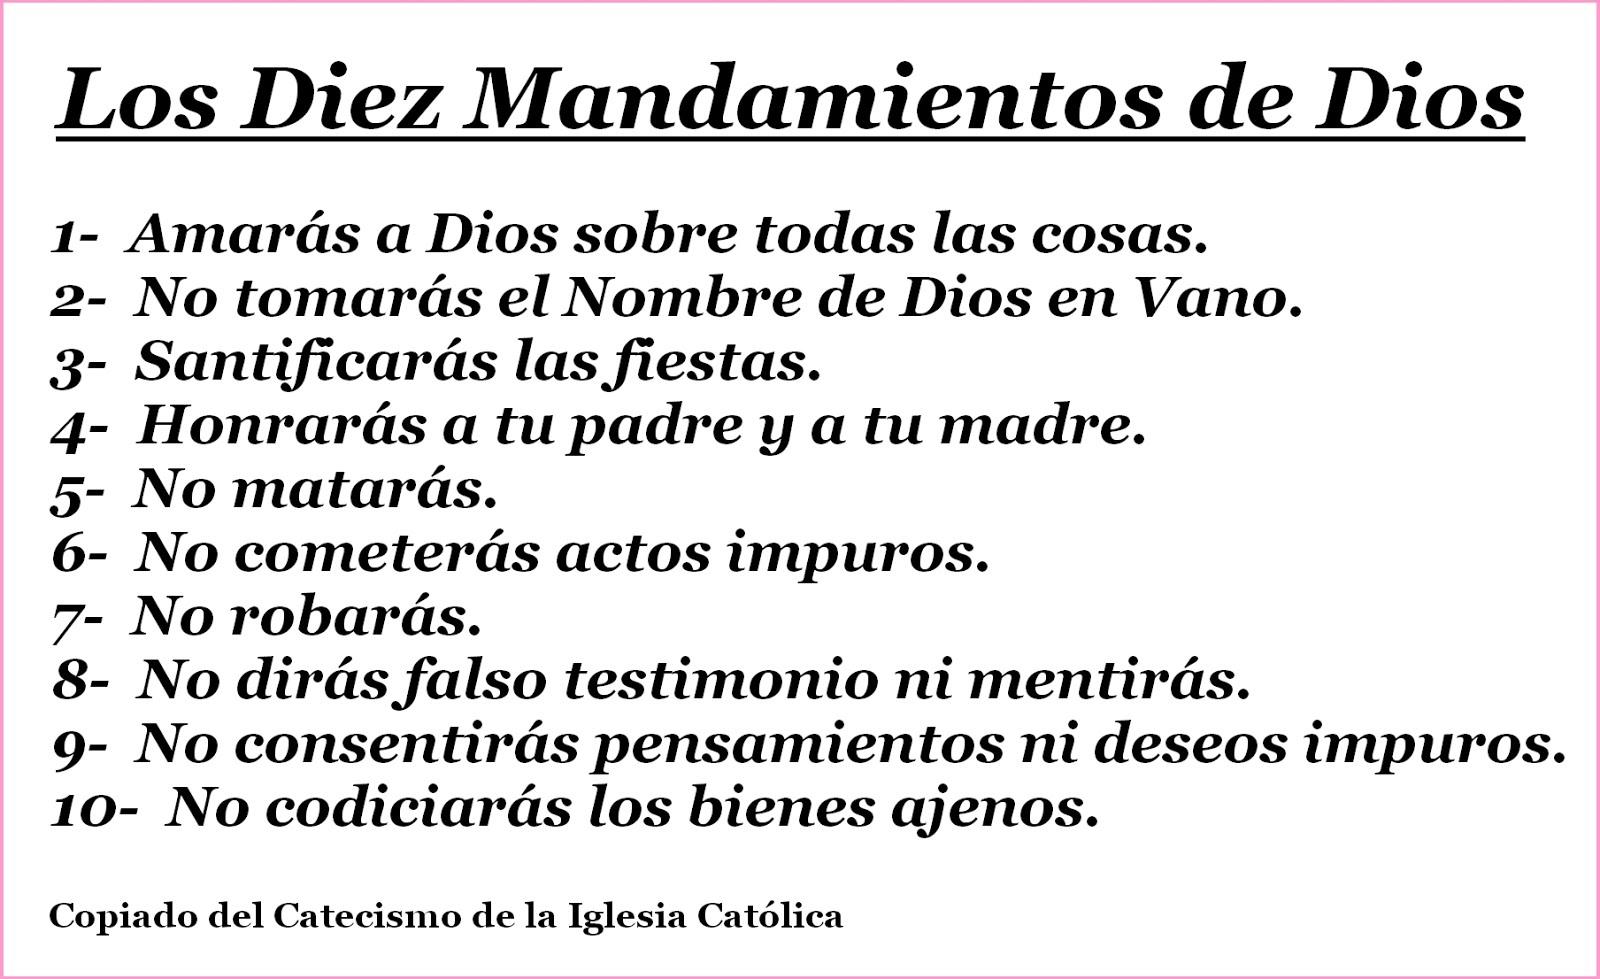 Los 10 Mandamientos  de Dios Padre Yahve.